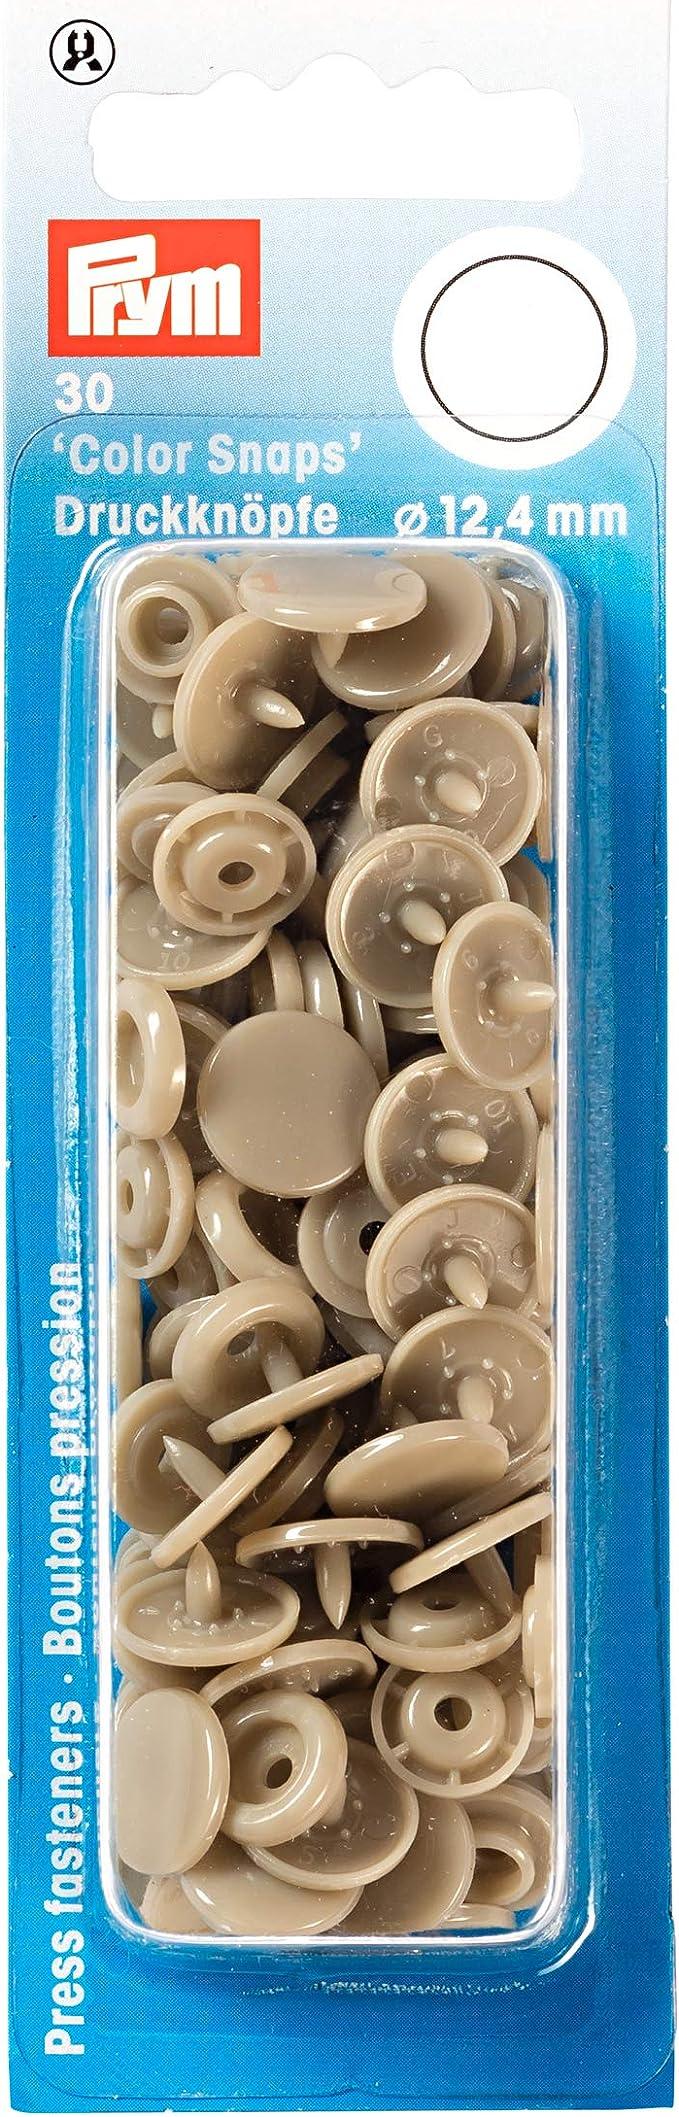 1 Druckknopf Snap Wechselschmuck 18 mm Chuck Button  #55 Eule Lila